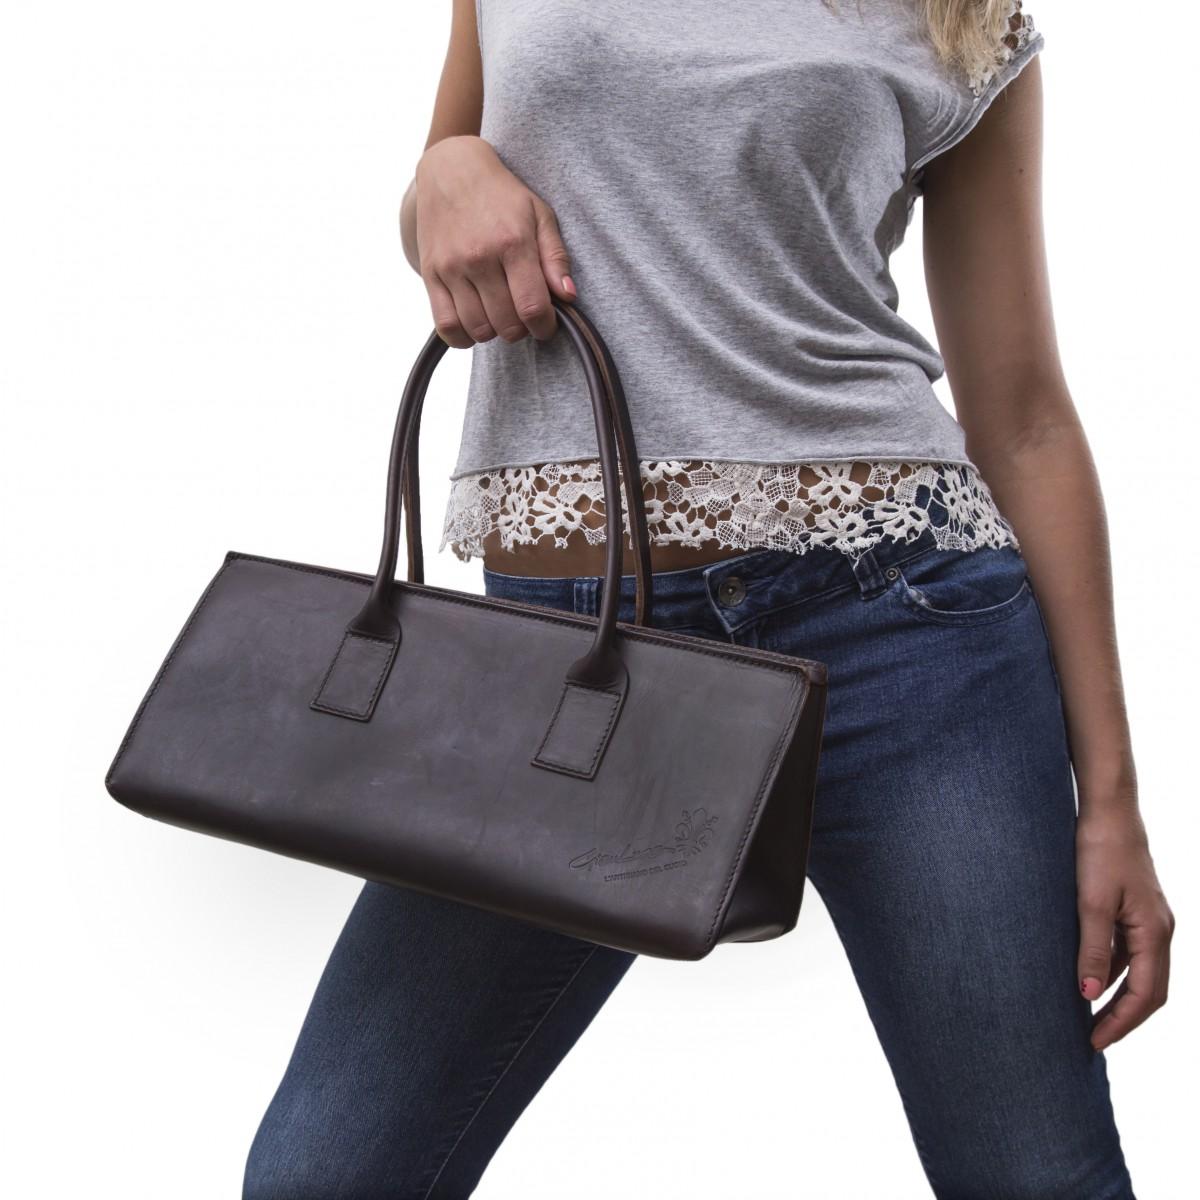 grand sac main en cuir marron pour femmes fait la main. Black Bedroom Furniture Sets. Home Design Ideas